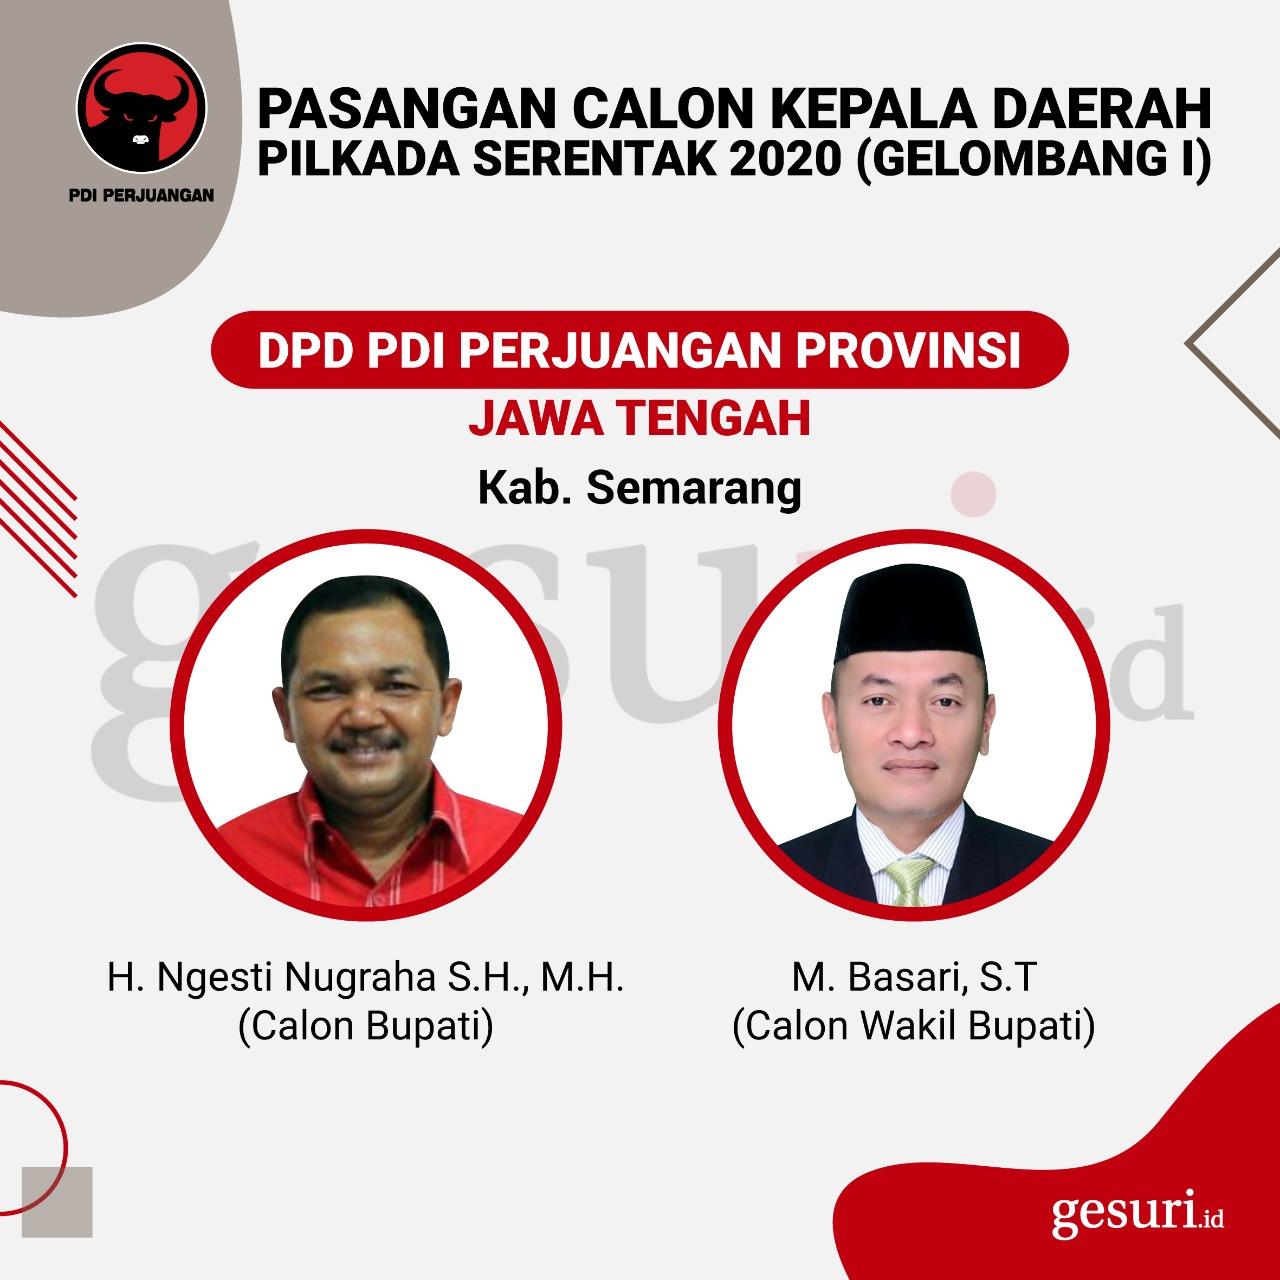 Pasangan Calon Kepala Daerah Pilkada 2020 Kabupaten Semarang